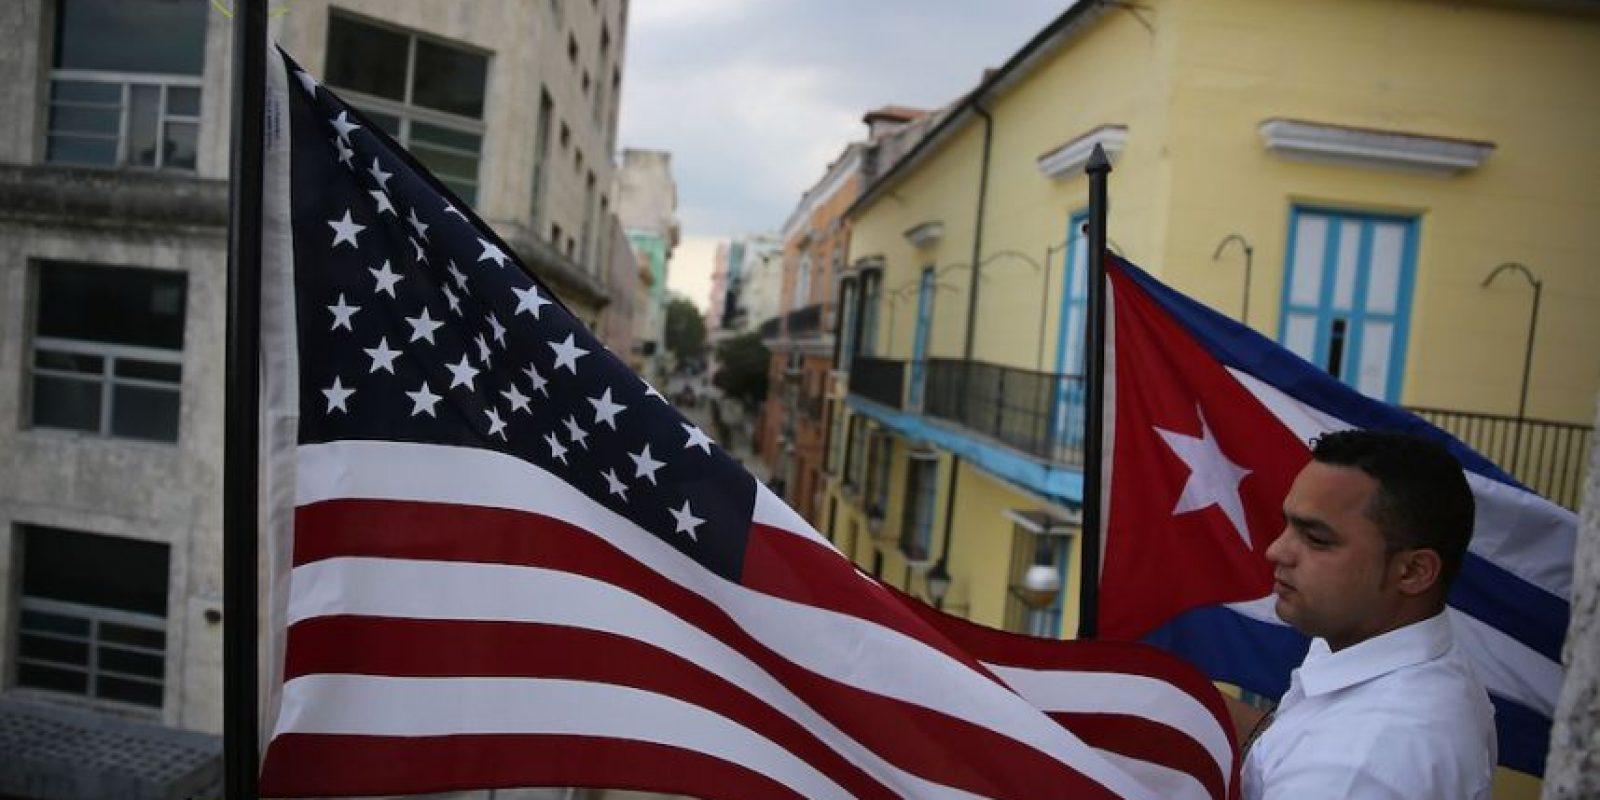 Además de que las banderas de barras y estrellas de ambas naciones ya ondean a lo largo y ancho de La Habana Foto:Getty Images